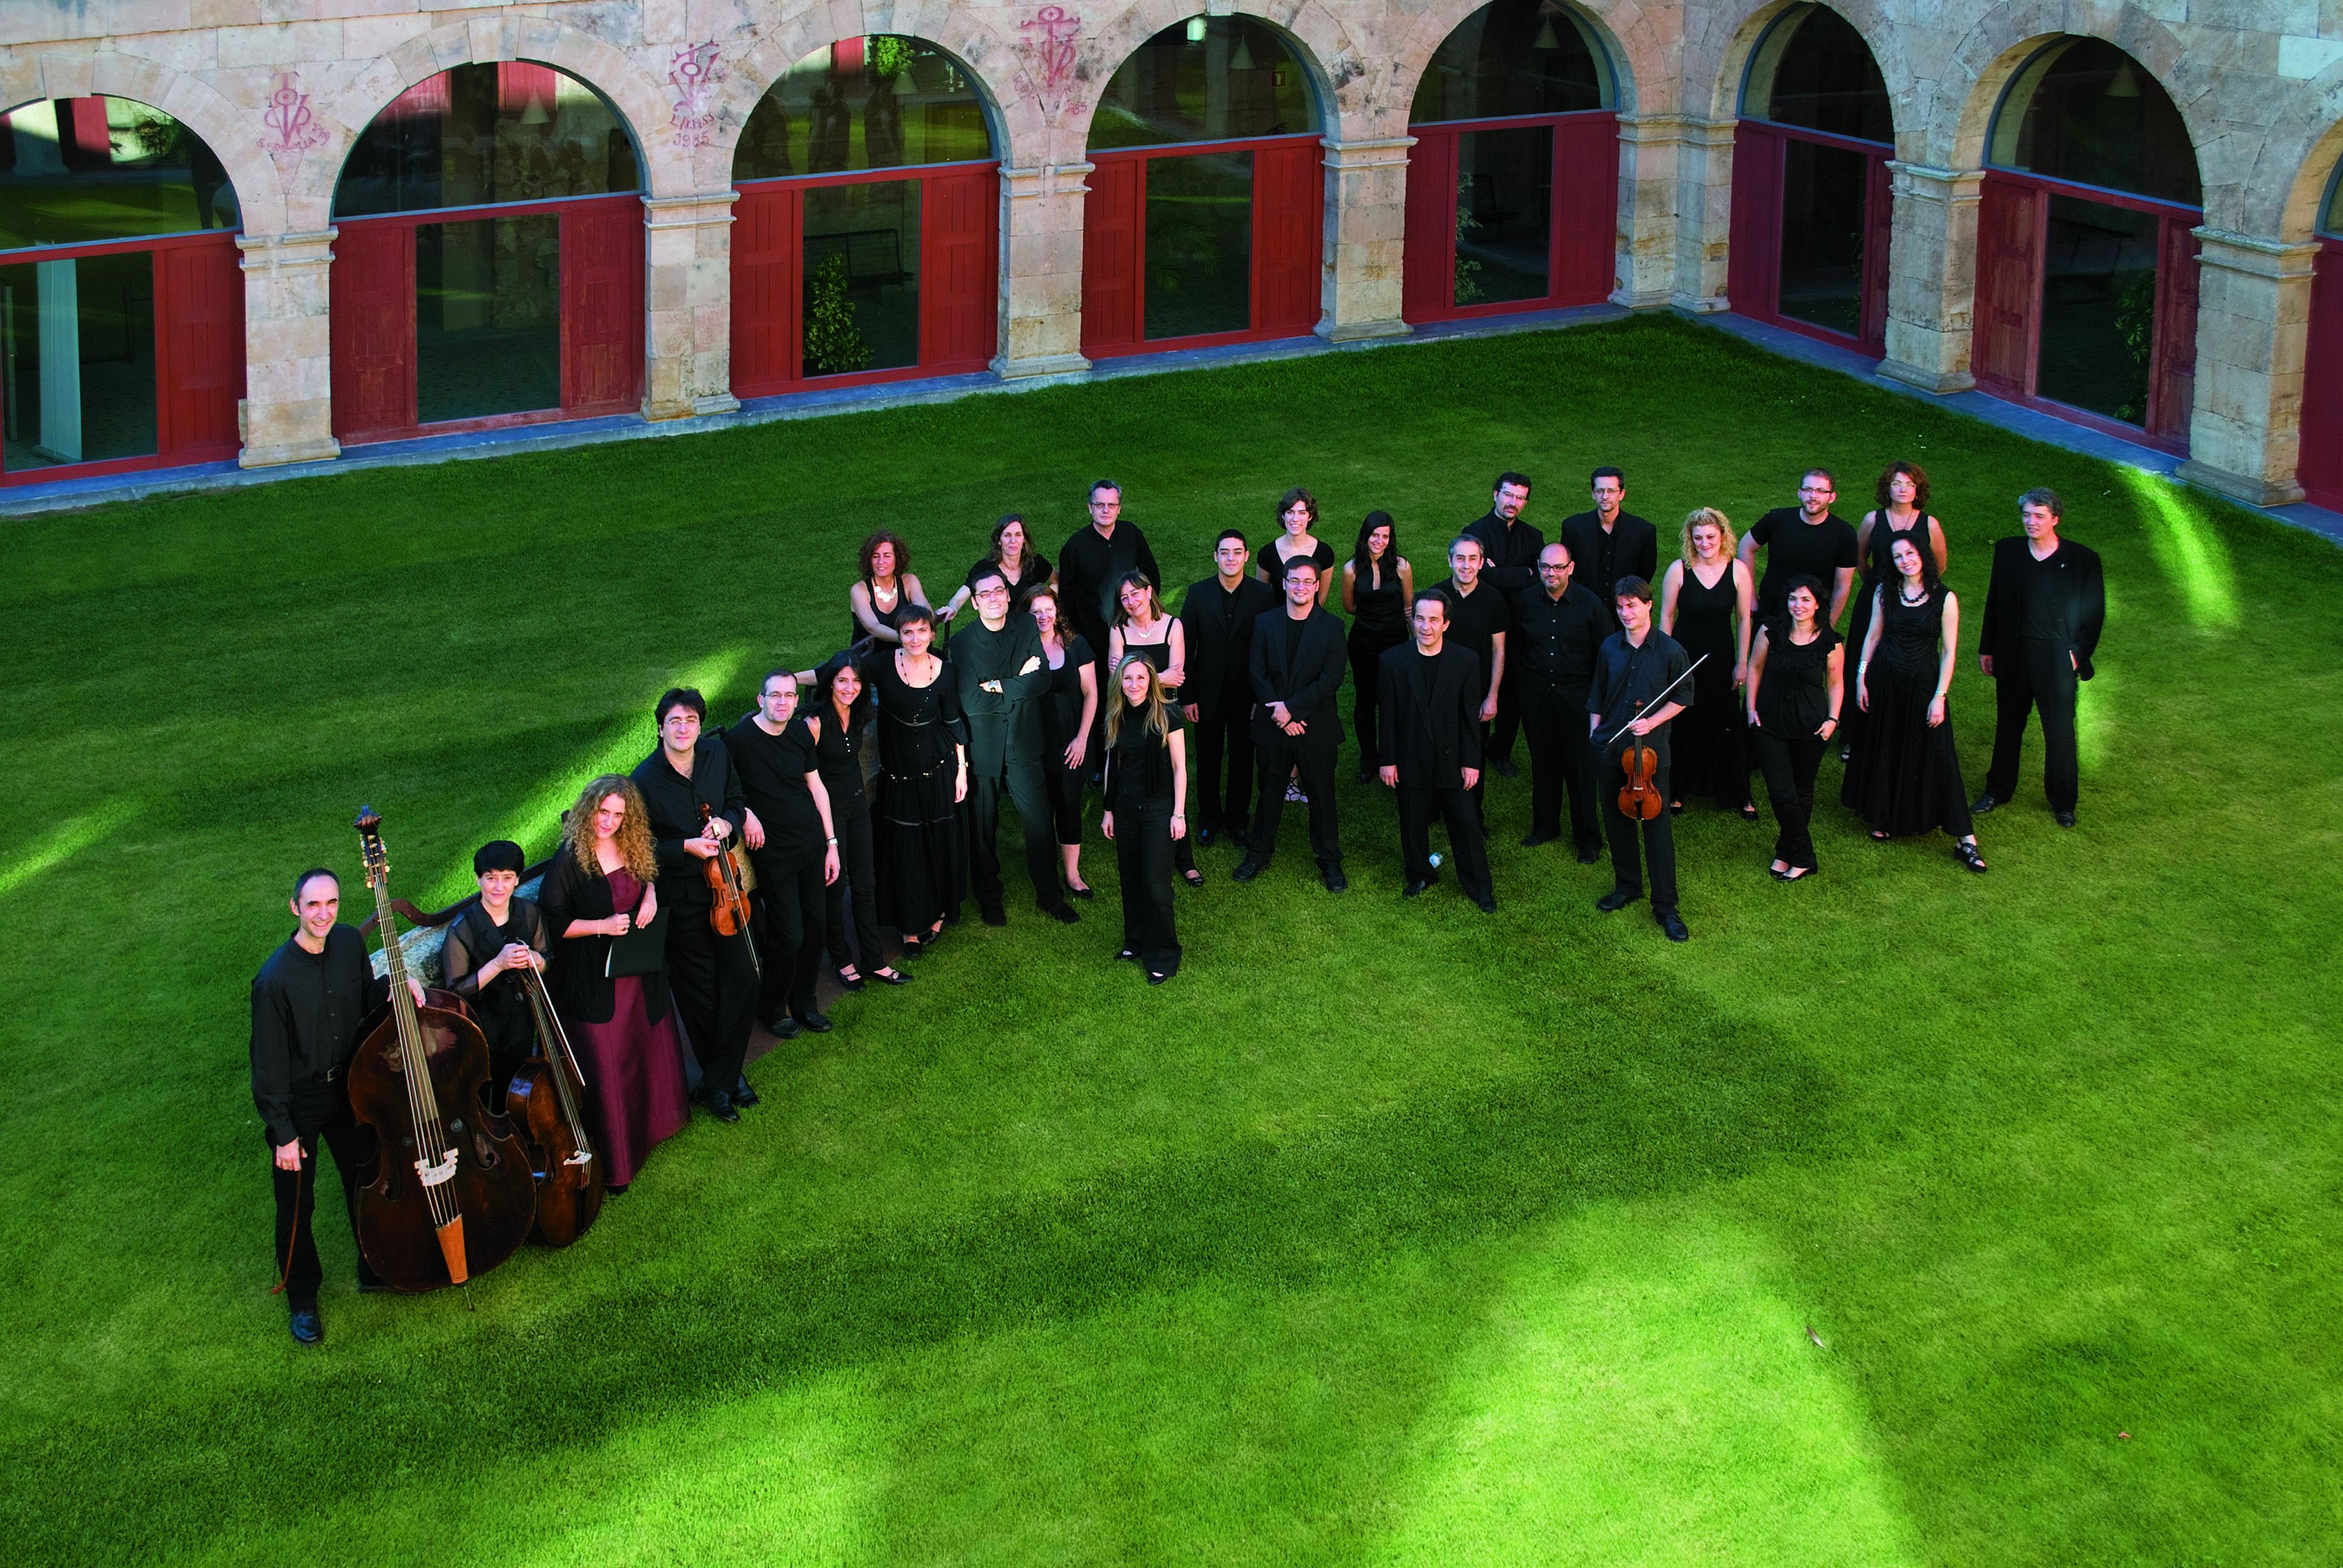 Un ciclo de conciertos revivirá el esplendor musical del Renacimiento en el Año Salinas de la Música